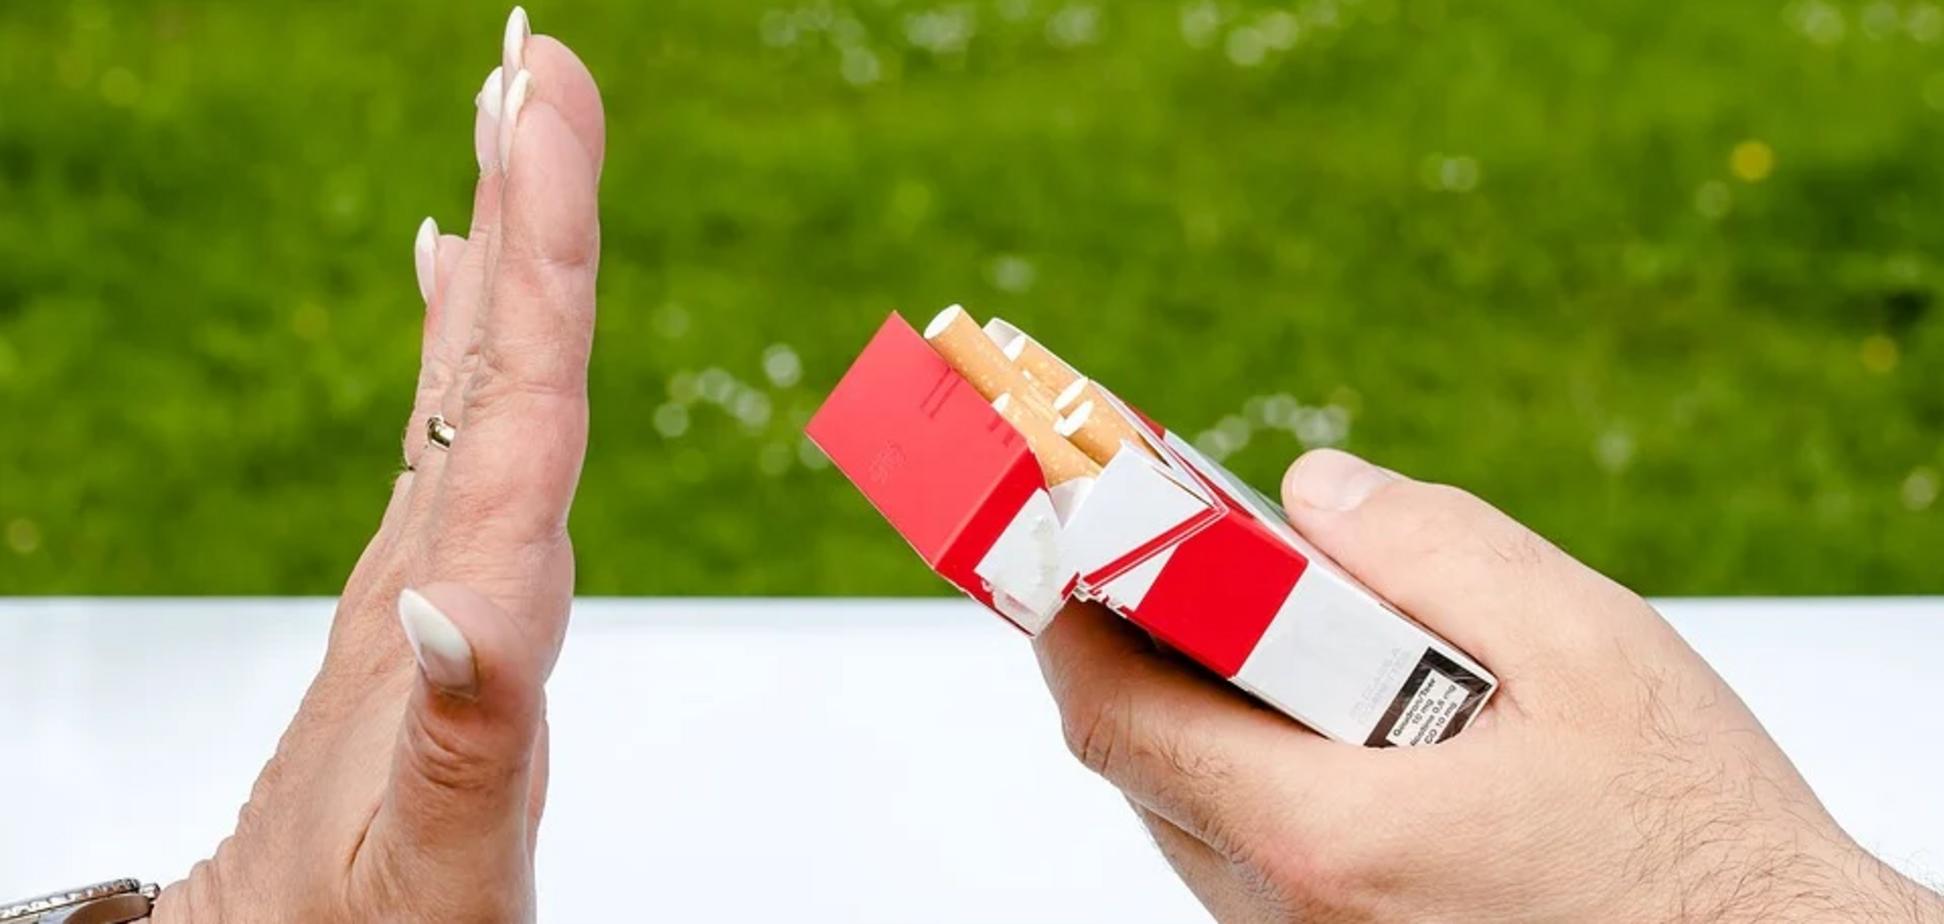 Кожен третій дорослий і 40% дітей страждають від 'недобровільного куріння'